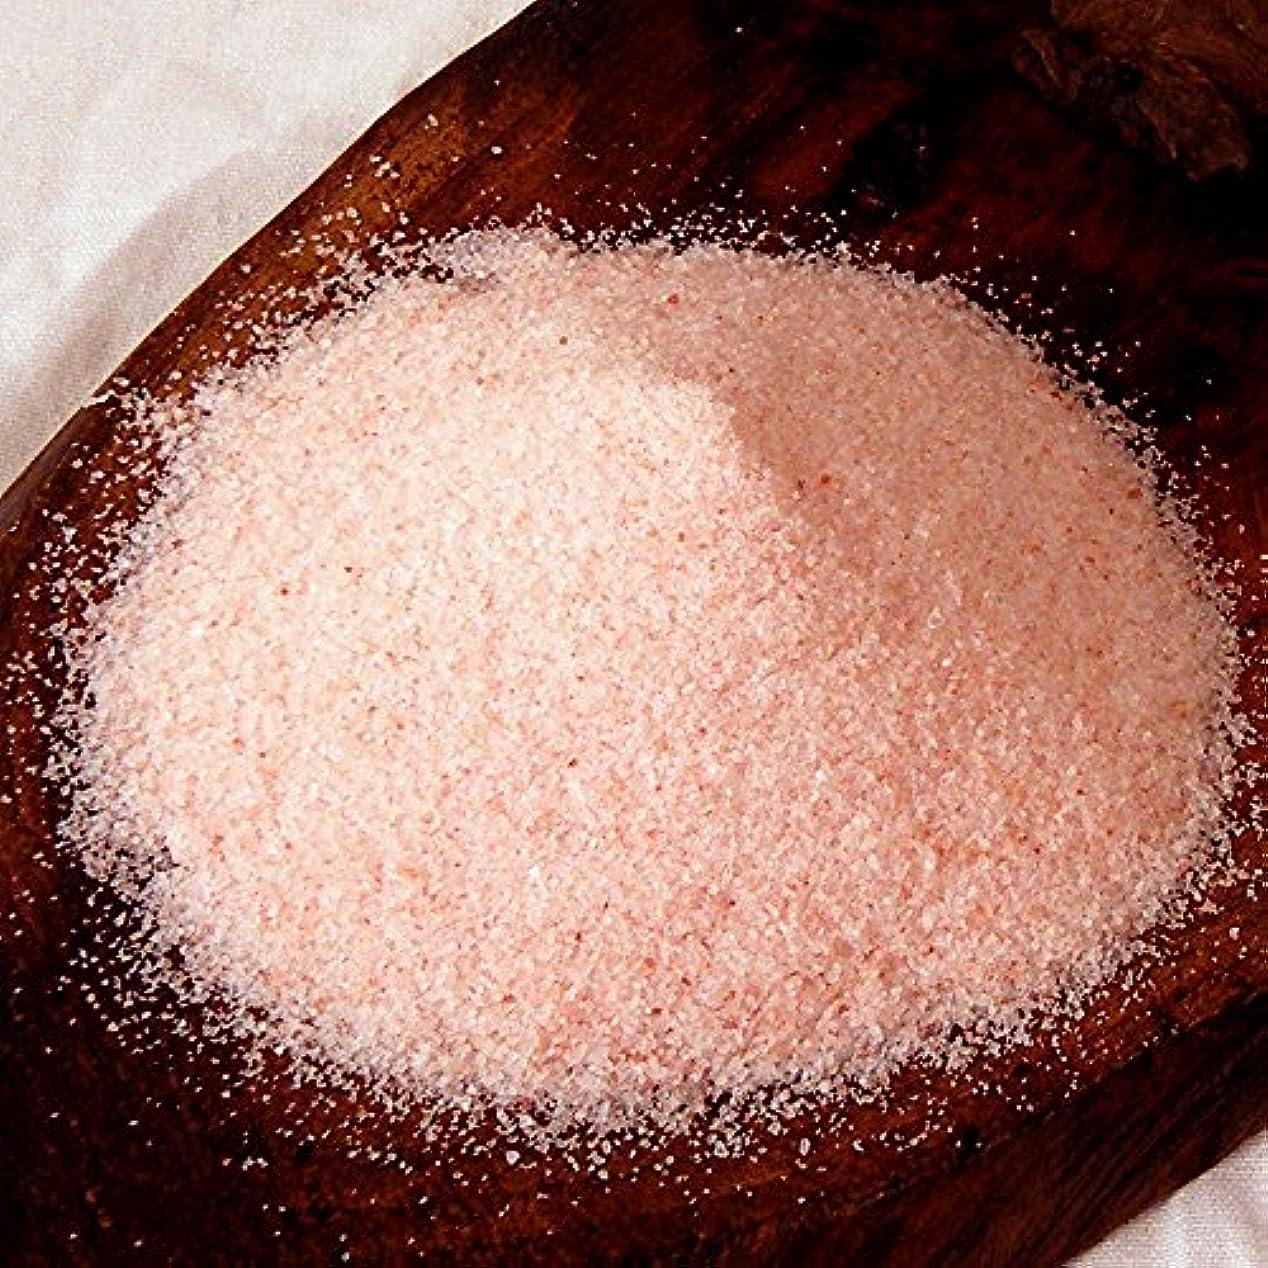 物理着実にフェロー諸島ヒマラヤ岩塩 バスソルト ローズソルト 溶けやすい細粒タイプ お試し1kg (ソルト内容量970g)